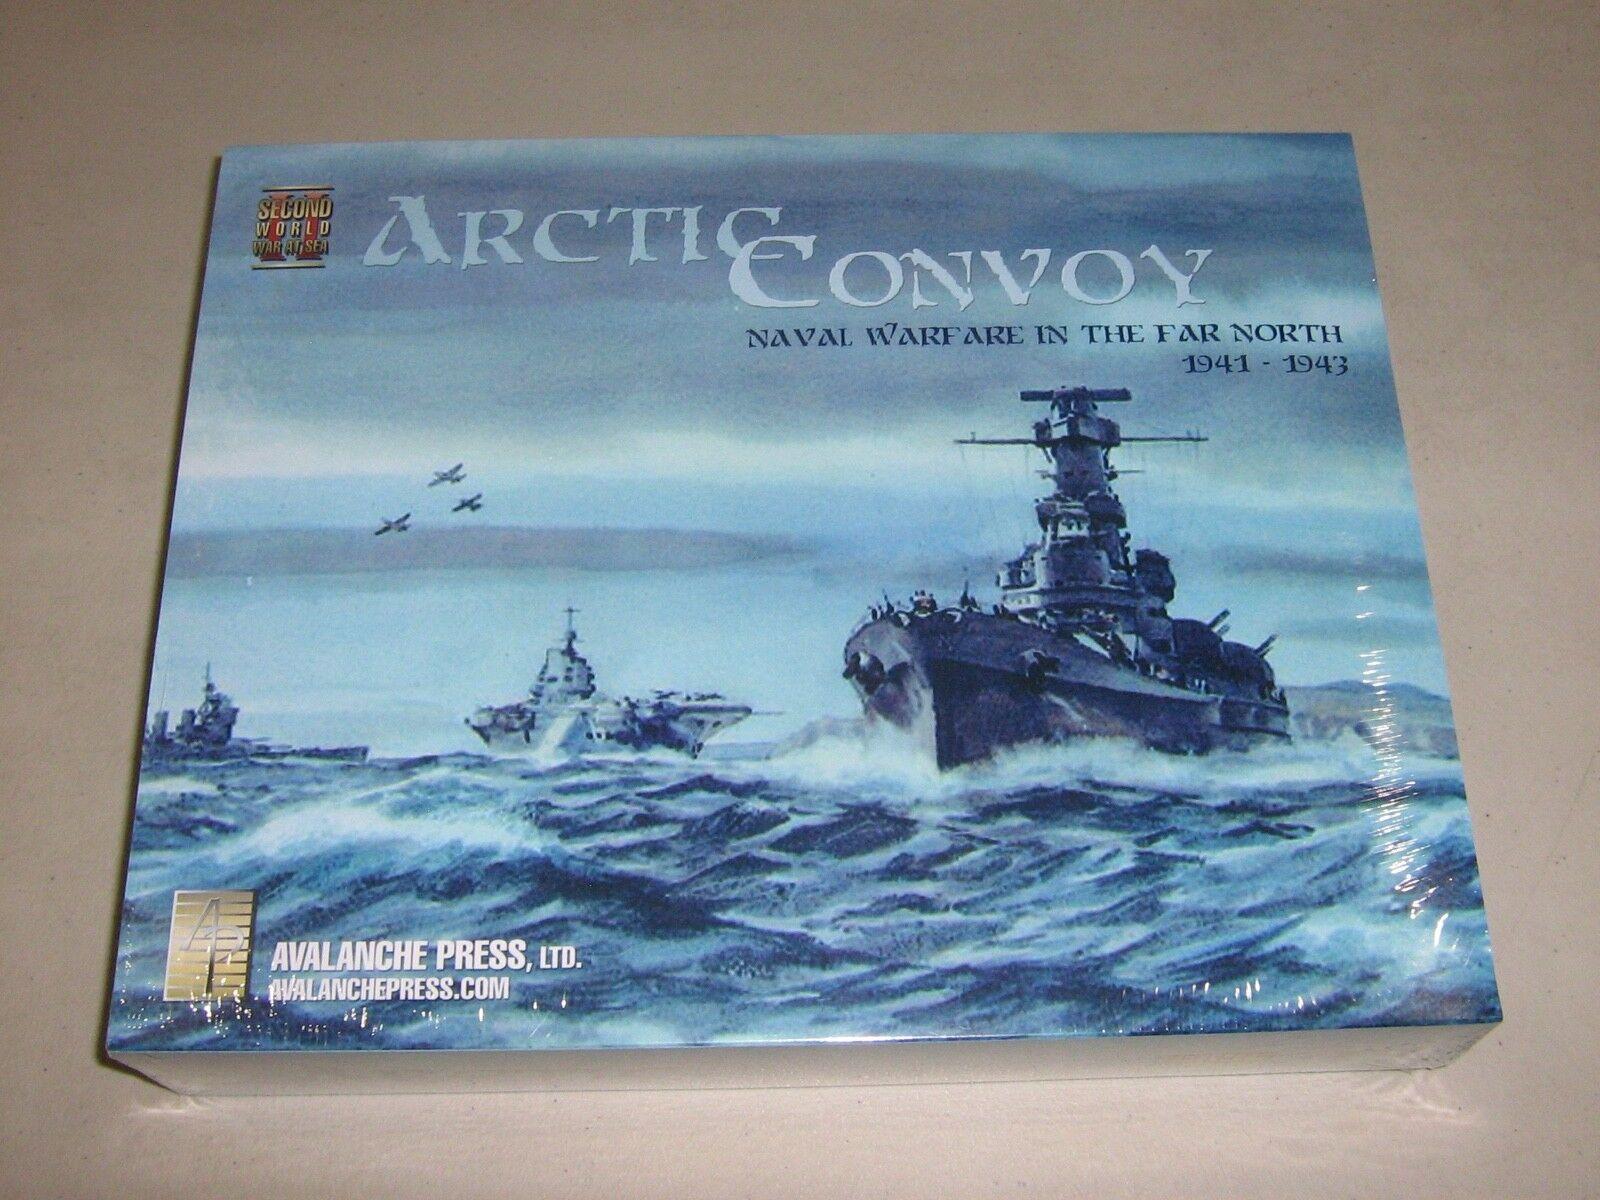 Arctic Convoy   Naval Warfare in the Far North 1941-1943 (nuovo)  disegni esclusivi